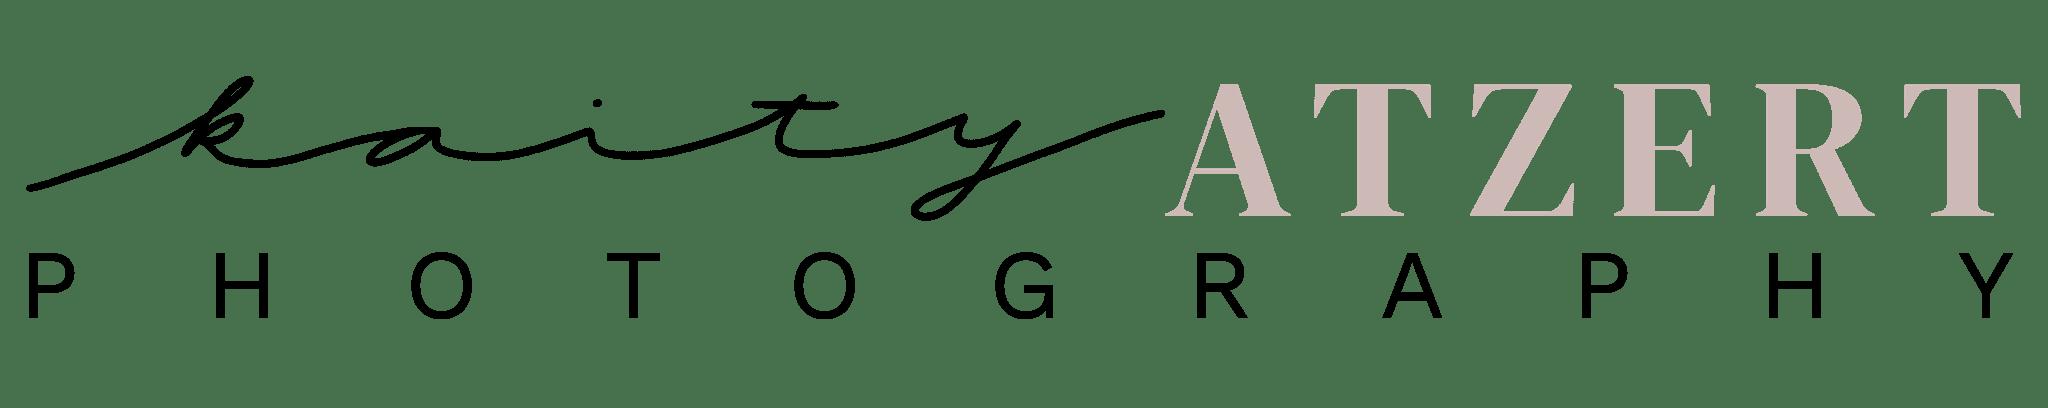 Kaity Atzert Photography Logo